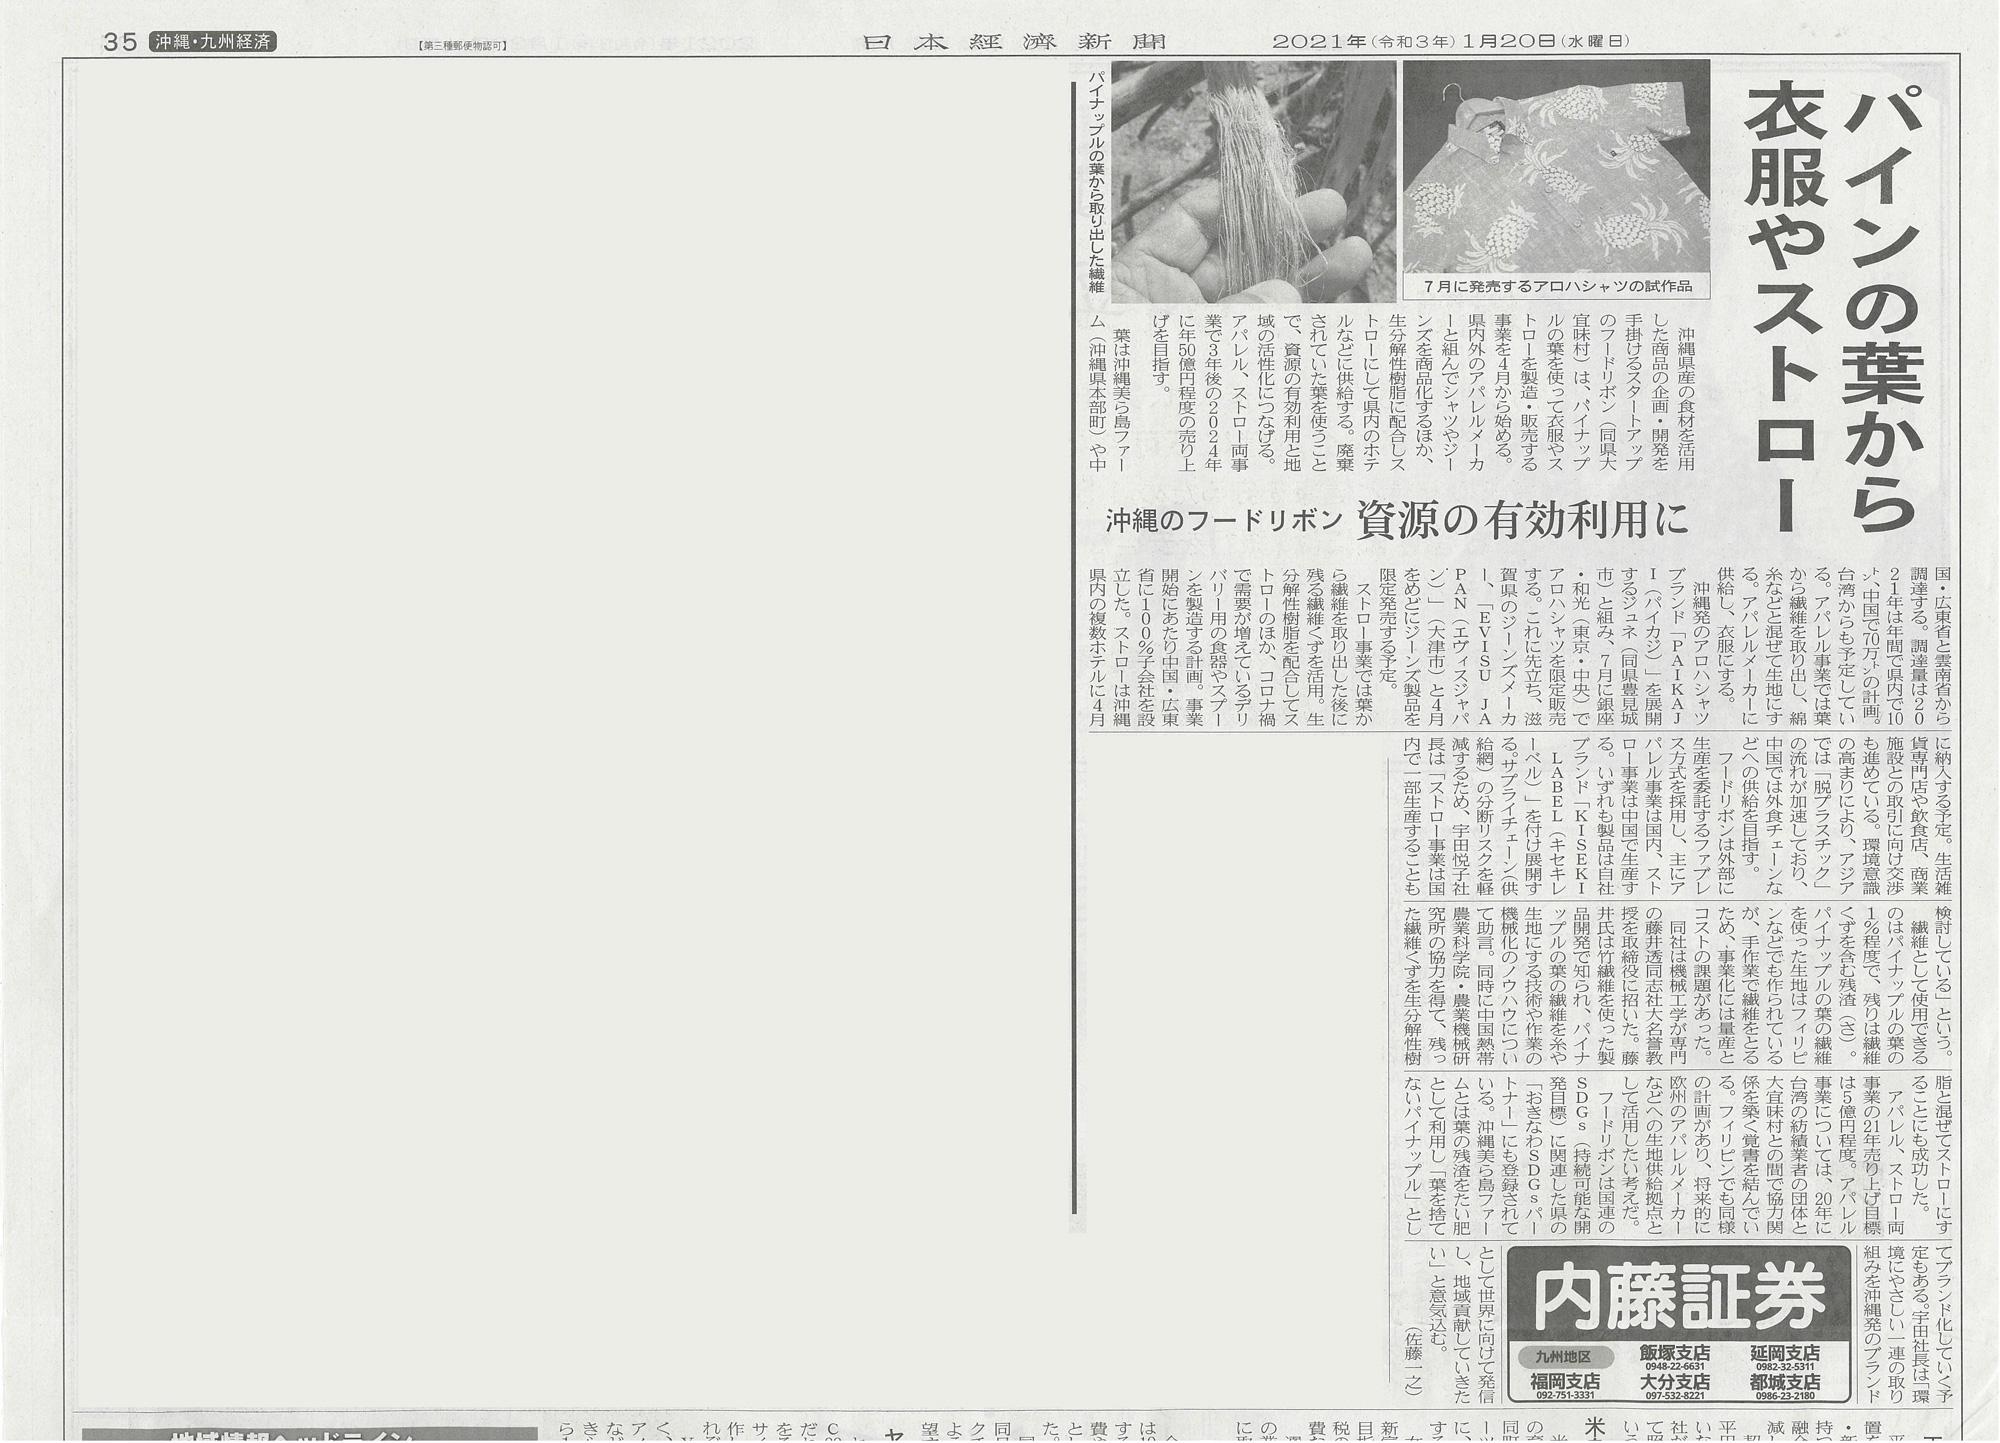 パイナップルの活用について日本経済新聞に掲載されました